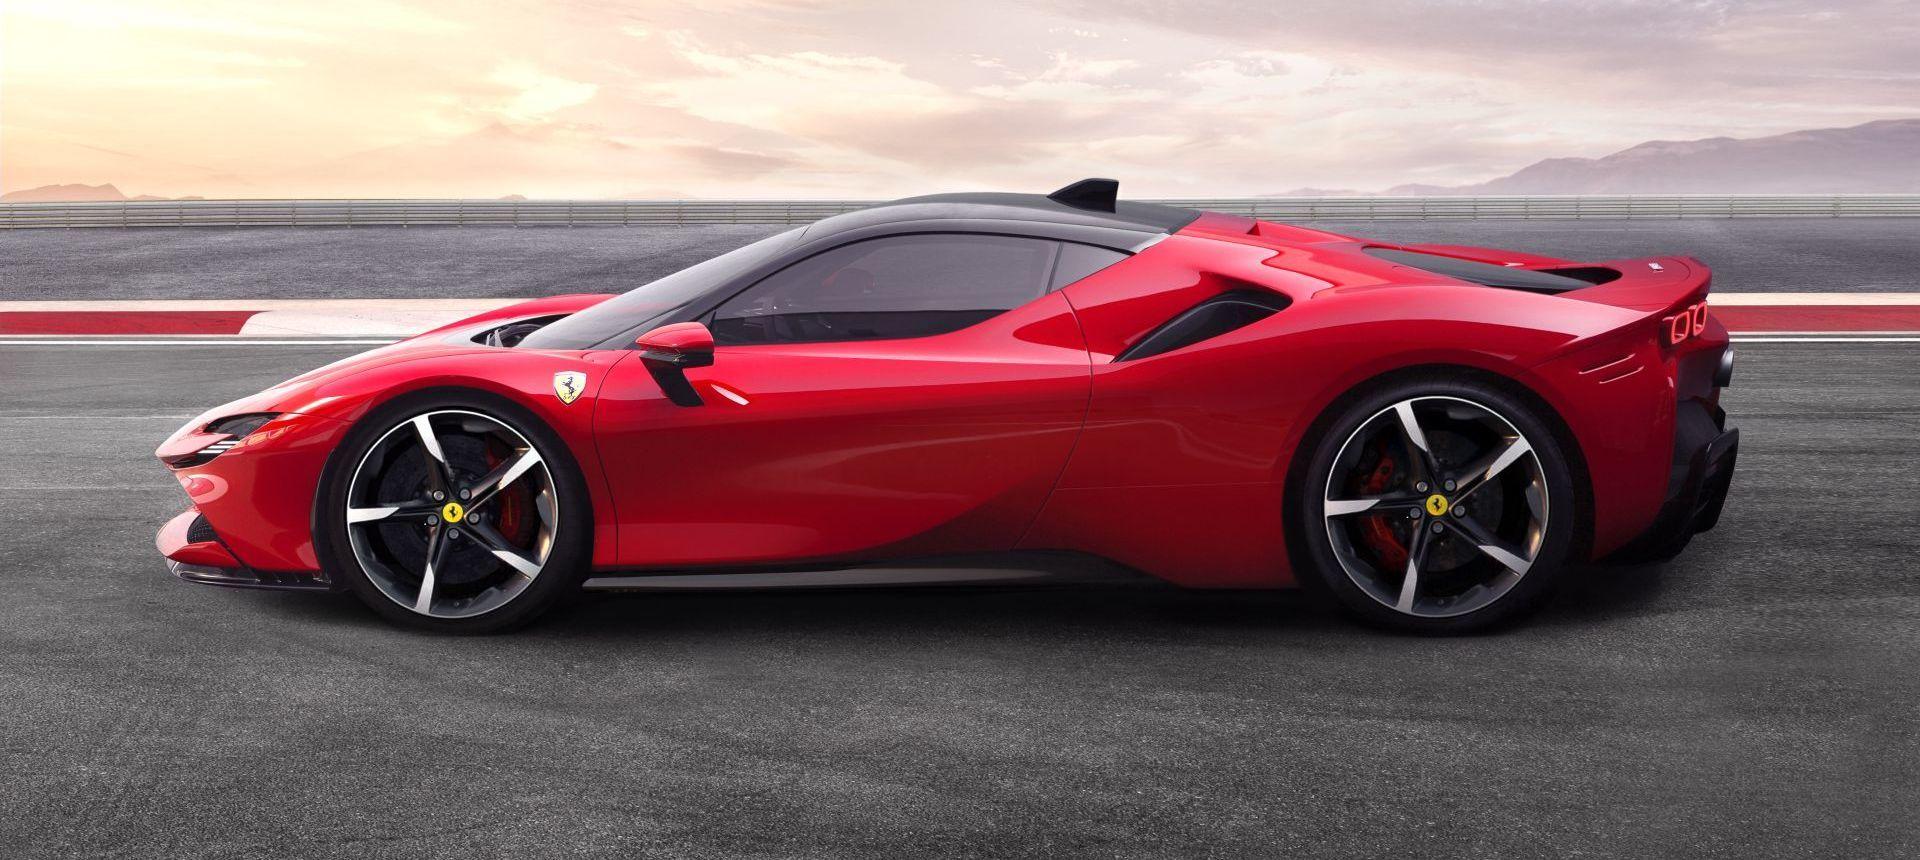 Ferrari Se Sobrepone Al Covid 19 Y Promete Lanzar 2 Coches Nuevos En 2020 Diariomotor